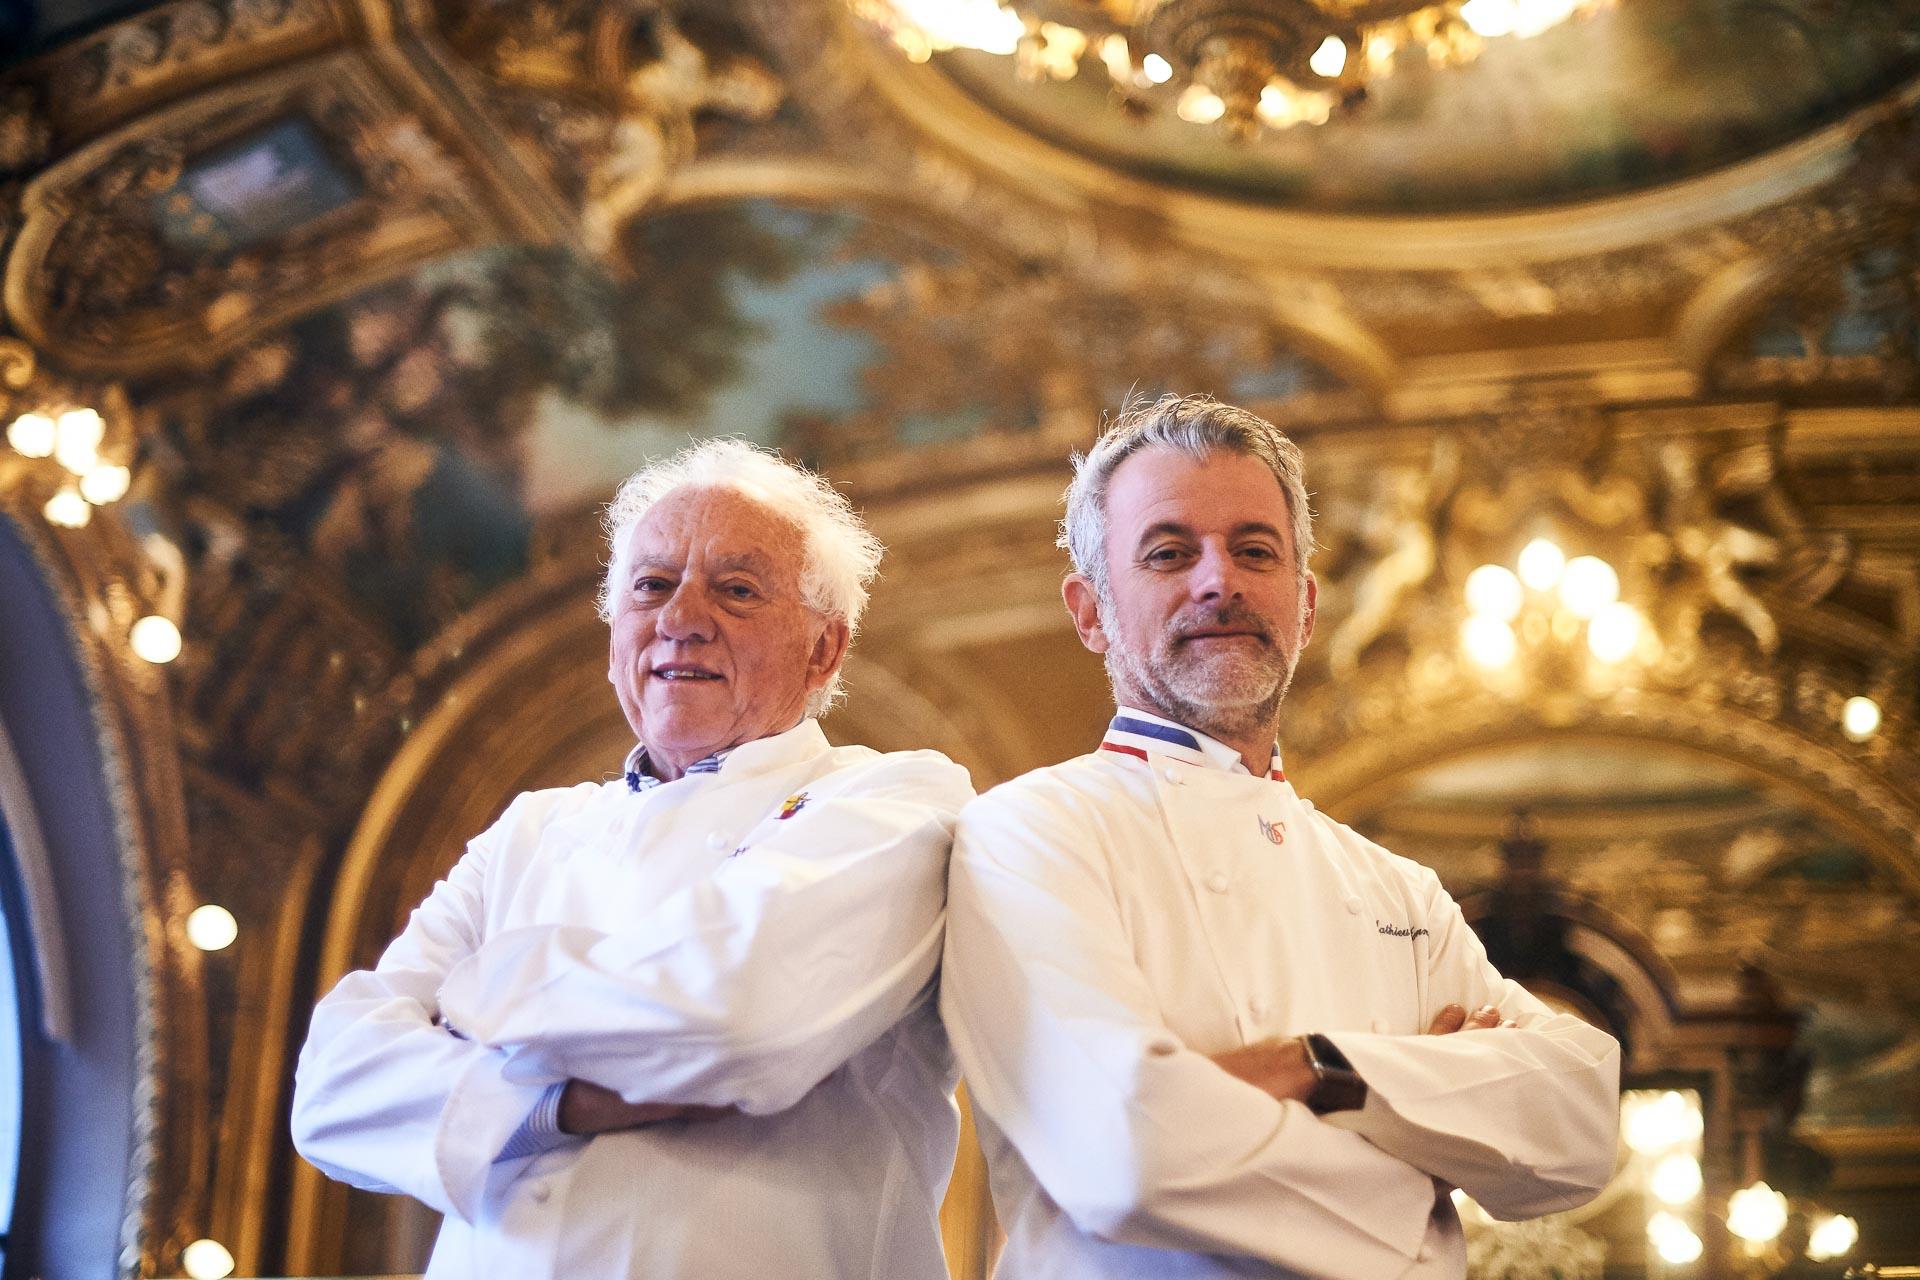 Jusqu'au 26 avril prochain, Le Train Bleu, restaurant emblématique de la Gare de Lyon, accueille un invité de marque. À l'initiative de Michel Rostang, le chef doublement étoilé Mathieu Viannay (La Mère Brazier) y célèbre la cuisine lyonnaise.